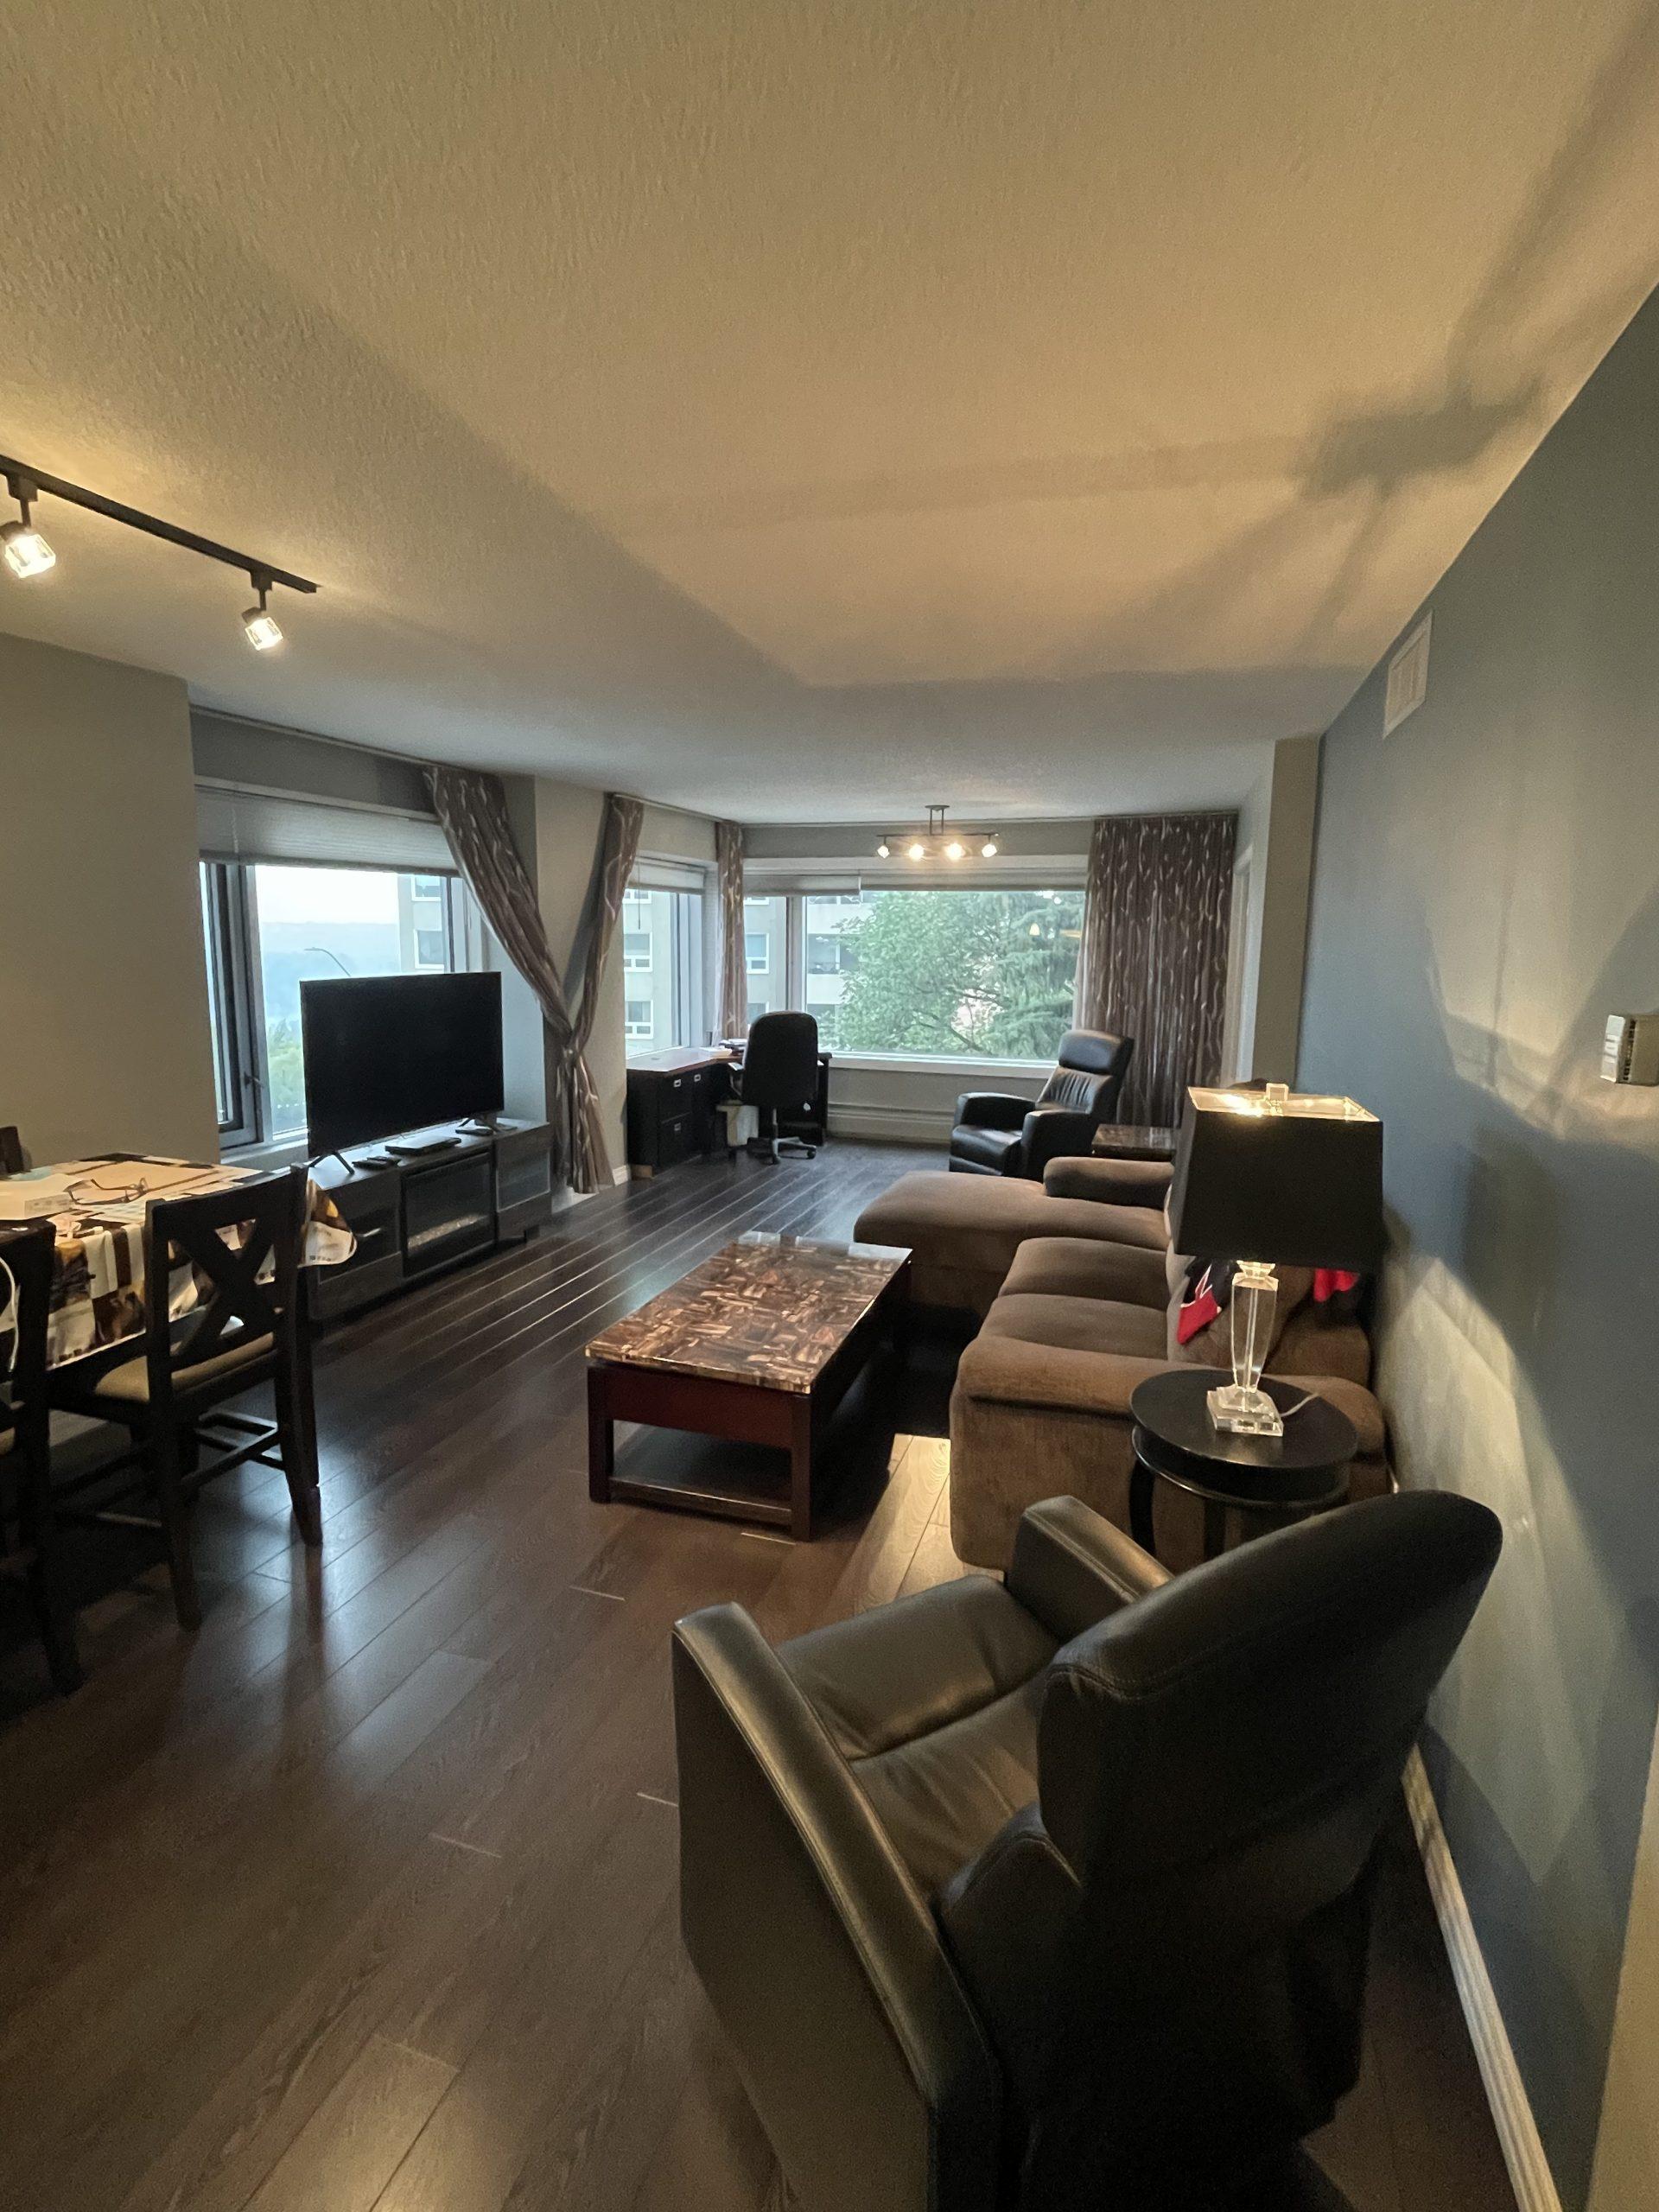 2 bedroom 2 bath condo Downtown. $1700/month